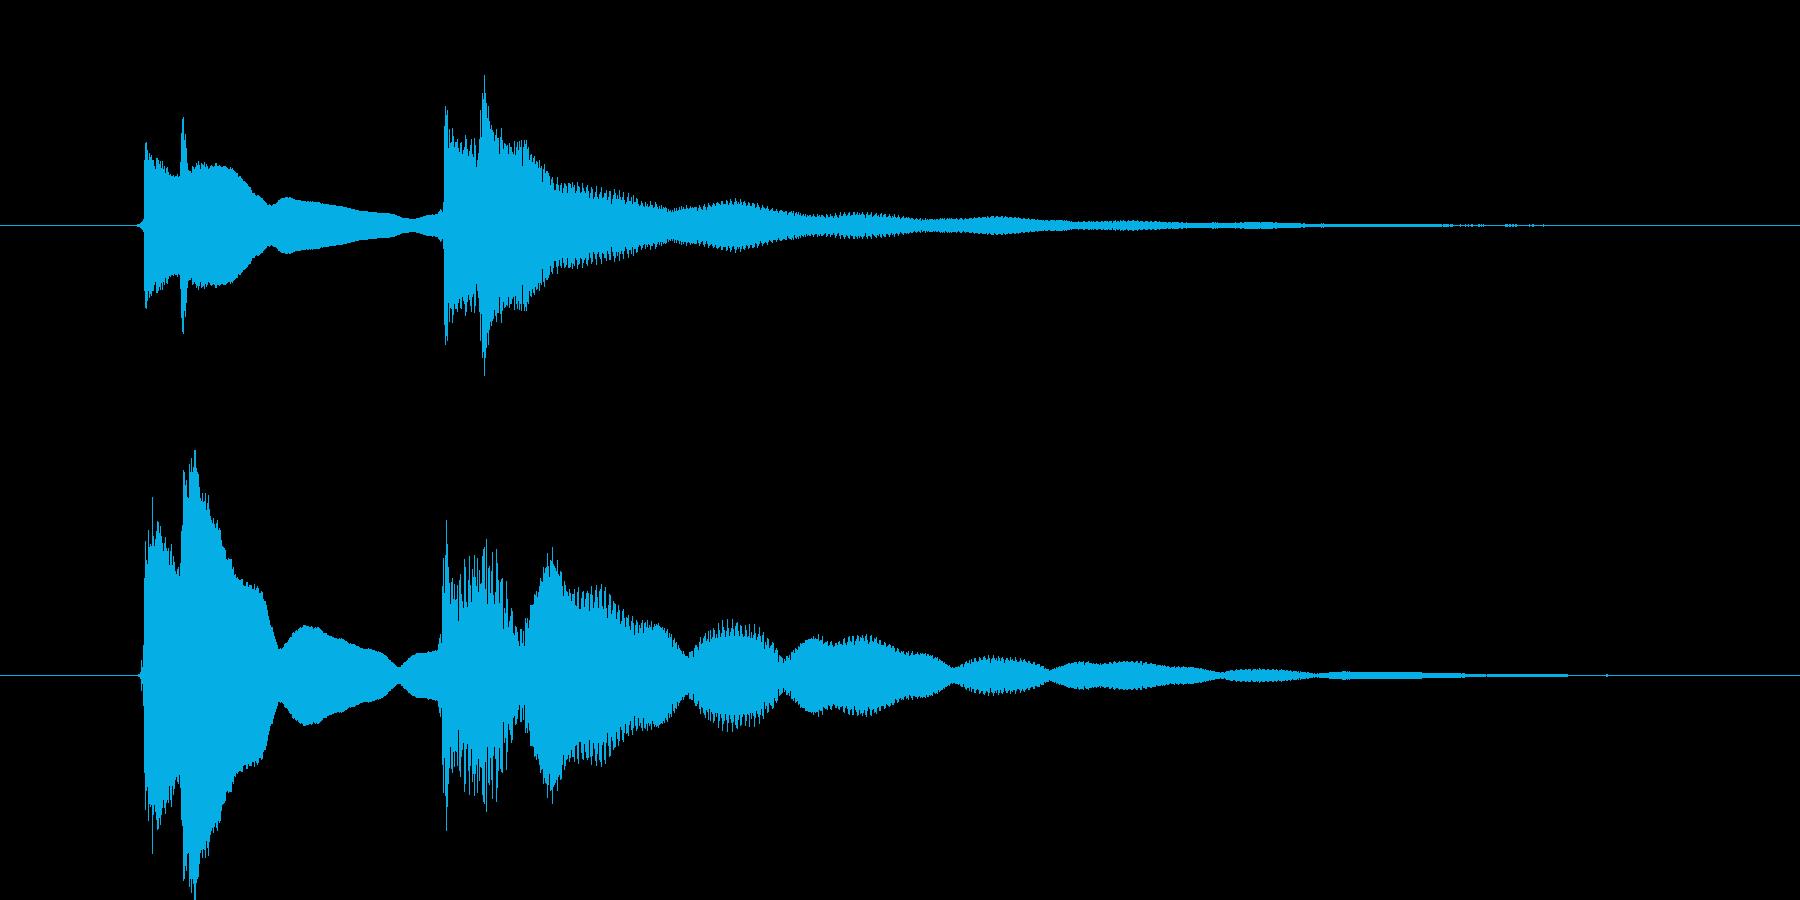 クイズ正解音(ピンポン)3の再生済みの波形